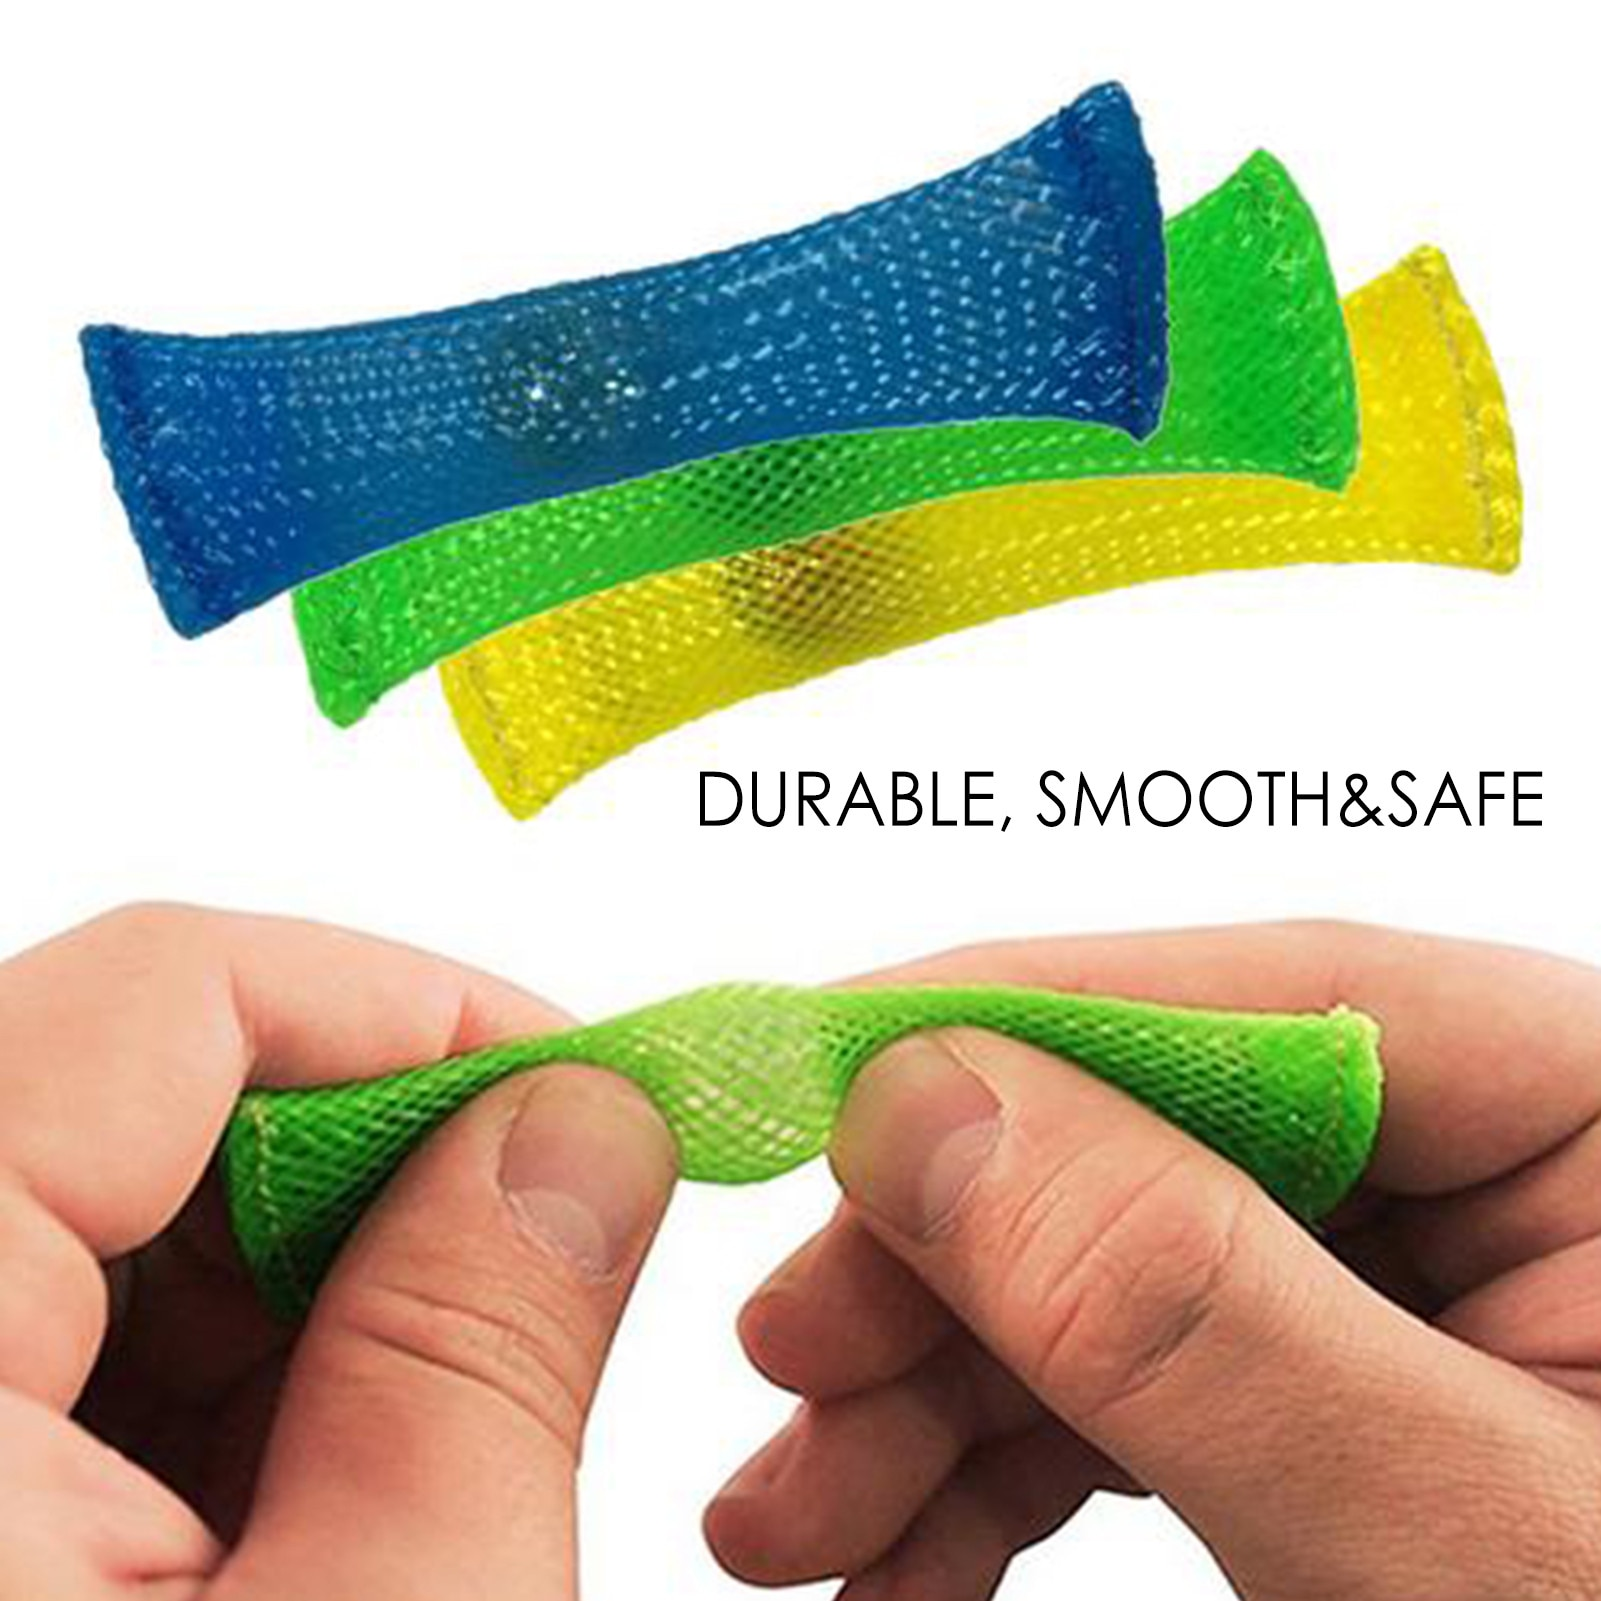 22PCS/set Decompression Ball Toy Suit Stress Relief  Pop Bubble Fidget Sensory Decompression Toy For Kids Adults enlarge